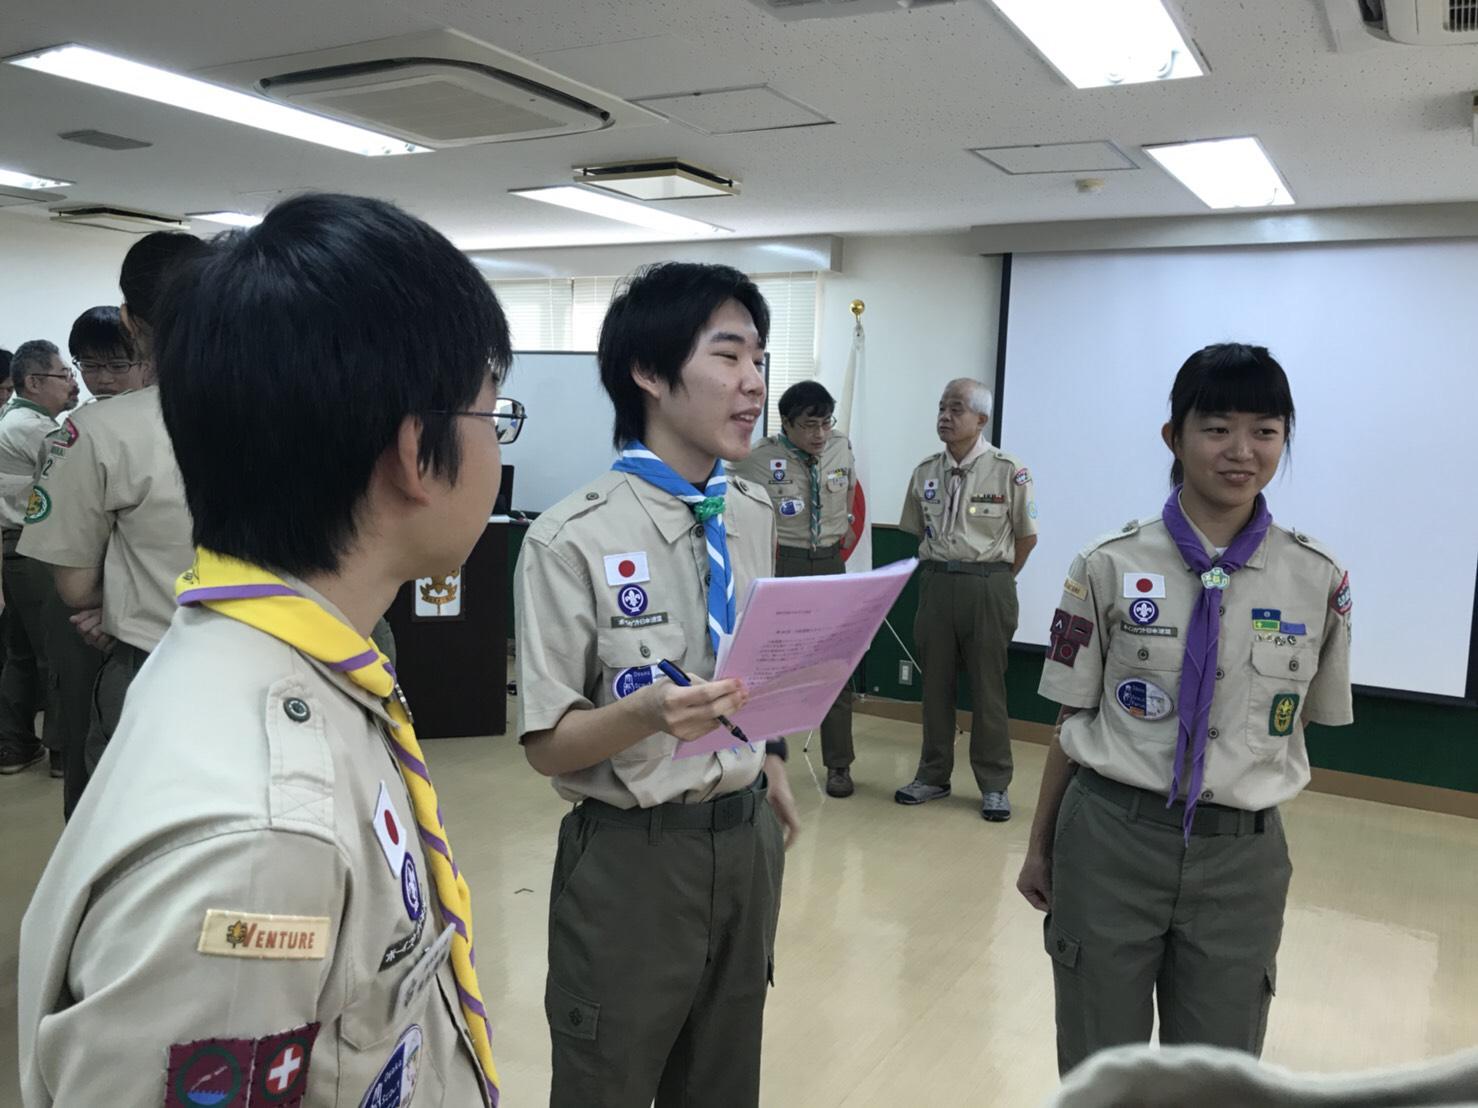 第40回大阪連盟スカウトフォーラム